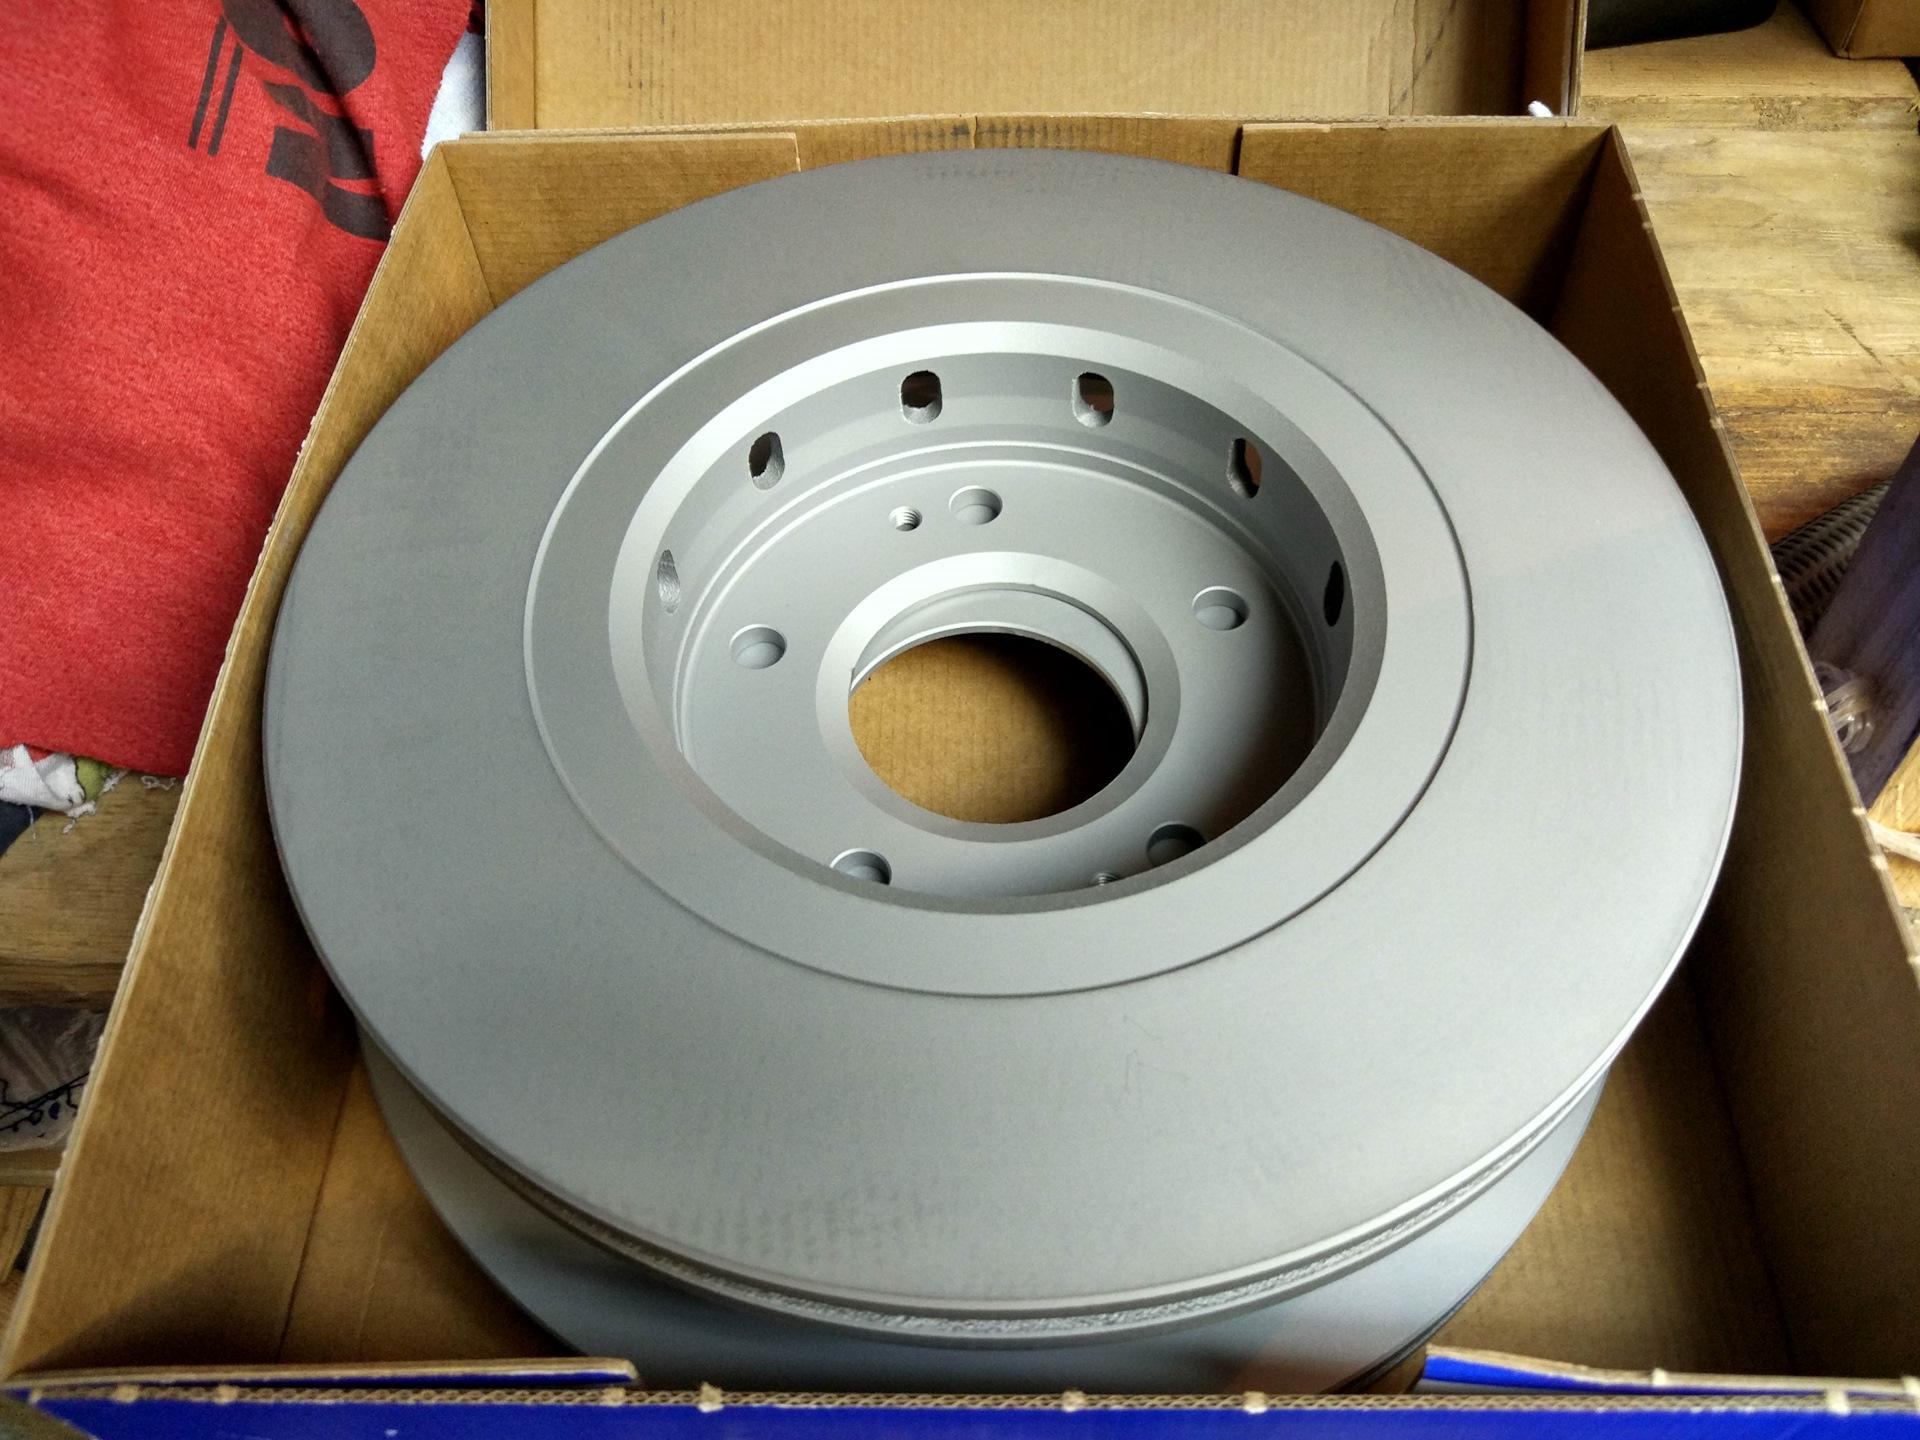 Замена переднего тормозного диска аутлендер 3 Замена средней рулевой тяги витара